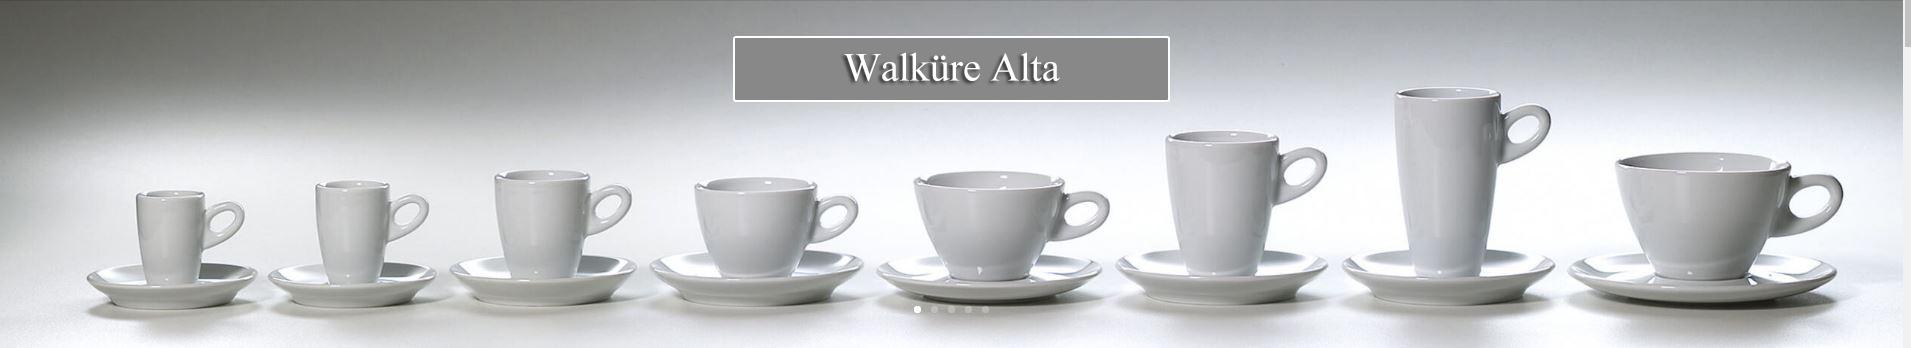 Walkure Alta